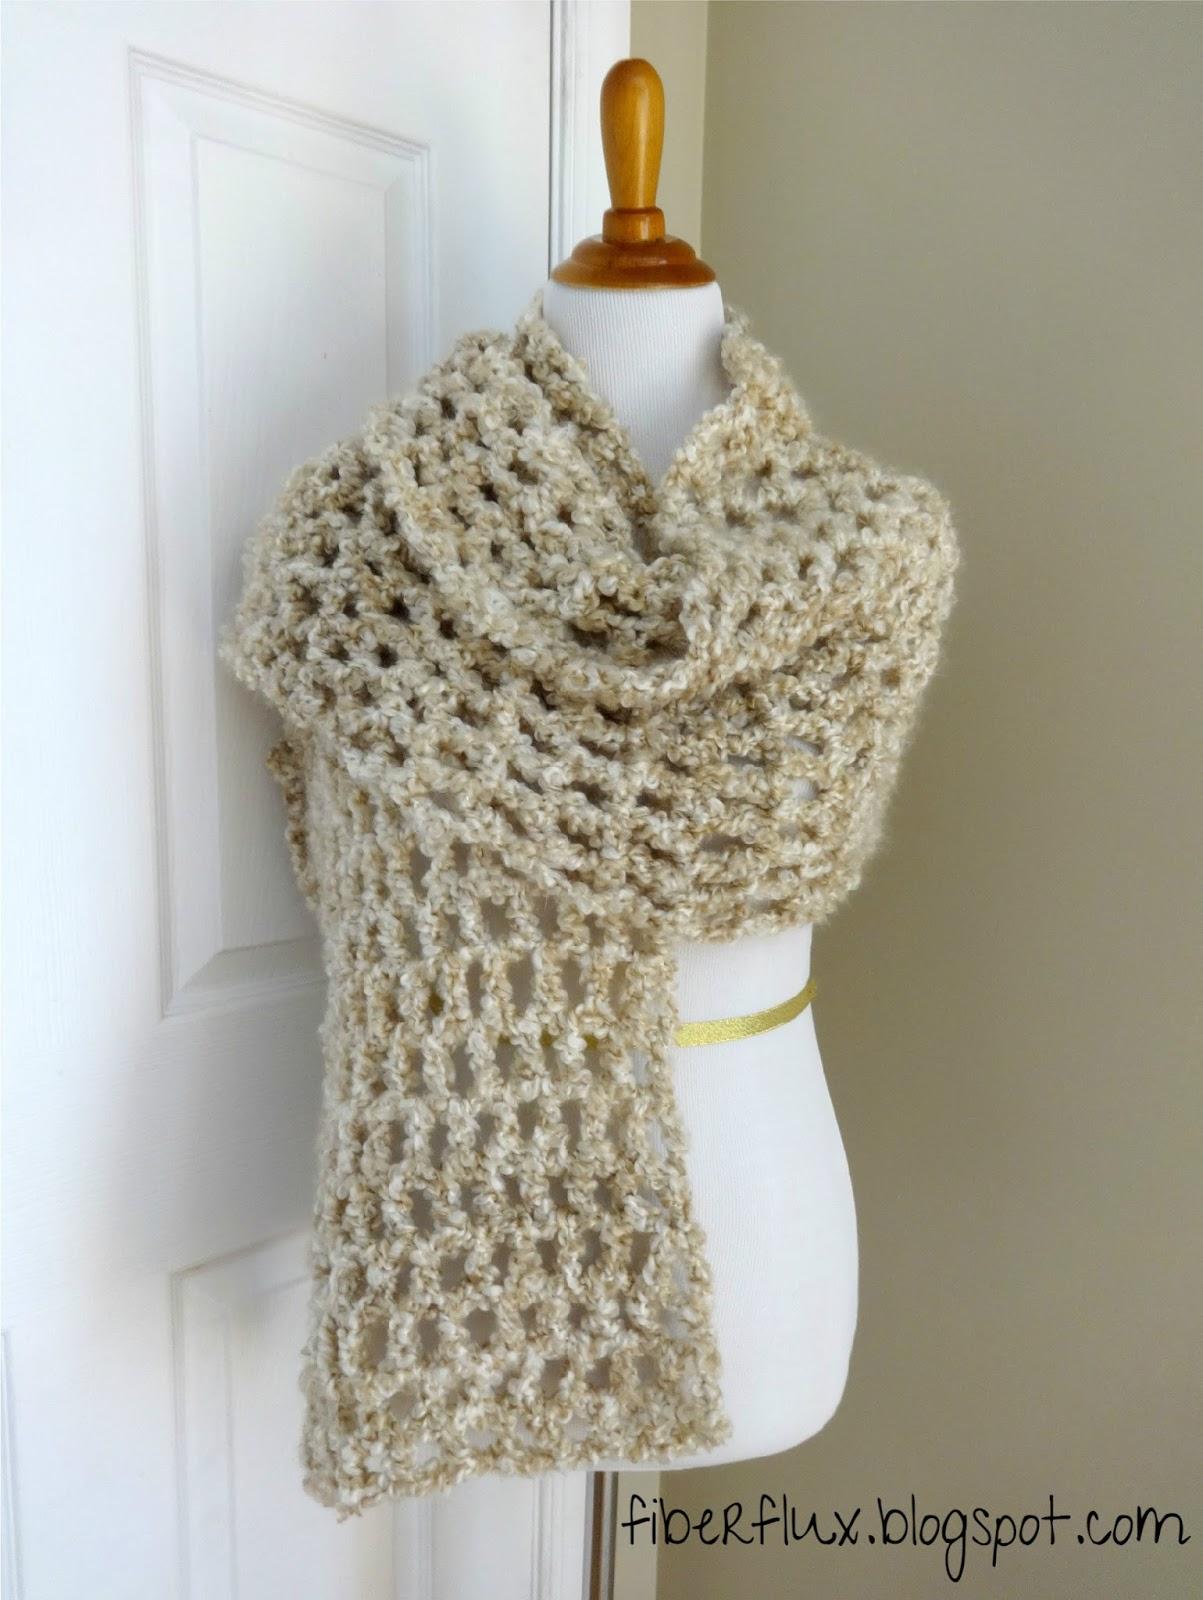 Fiber Flux: 20 Spectacular Crochet Shawls!